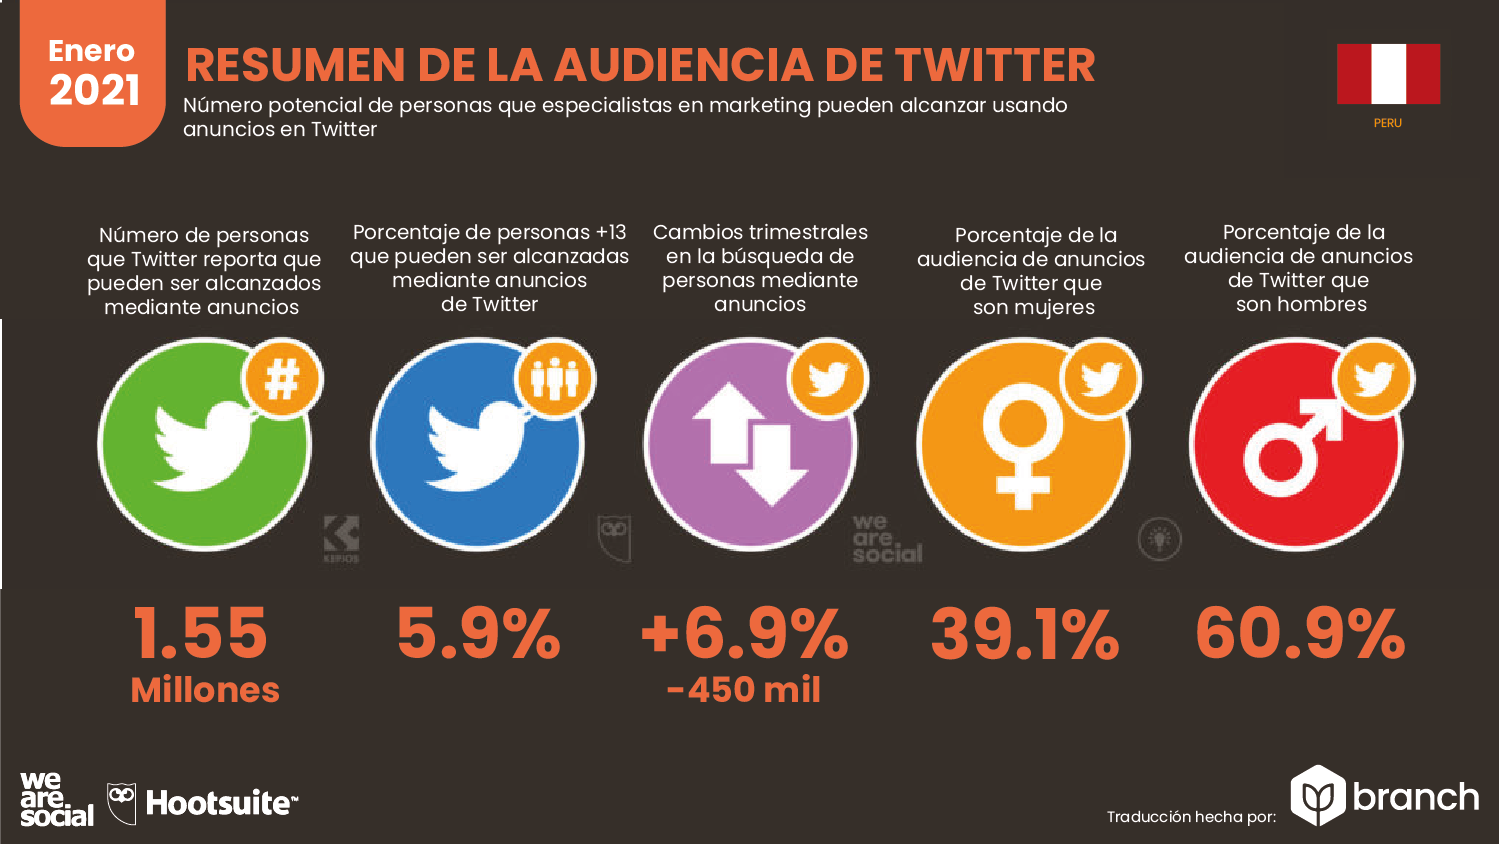 audiencia-de-twitter-en-peru-2020-2021